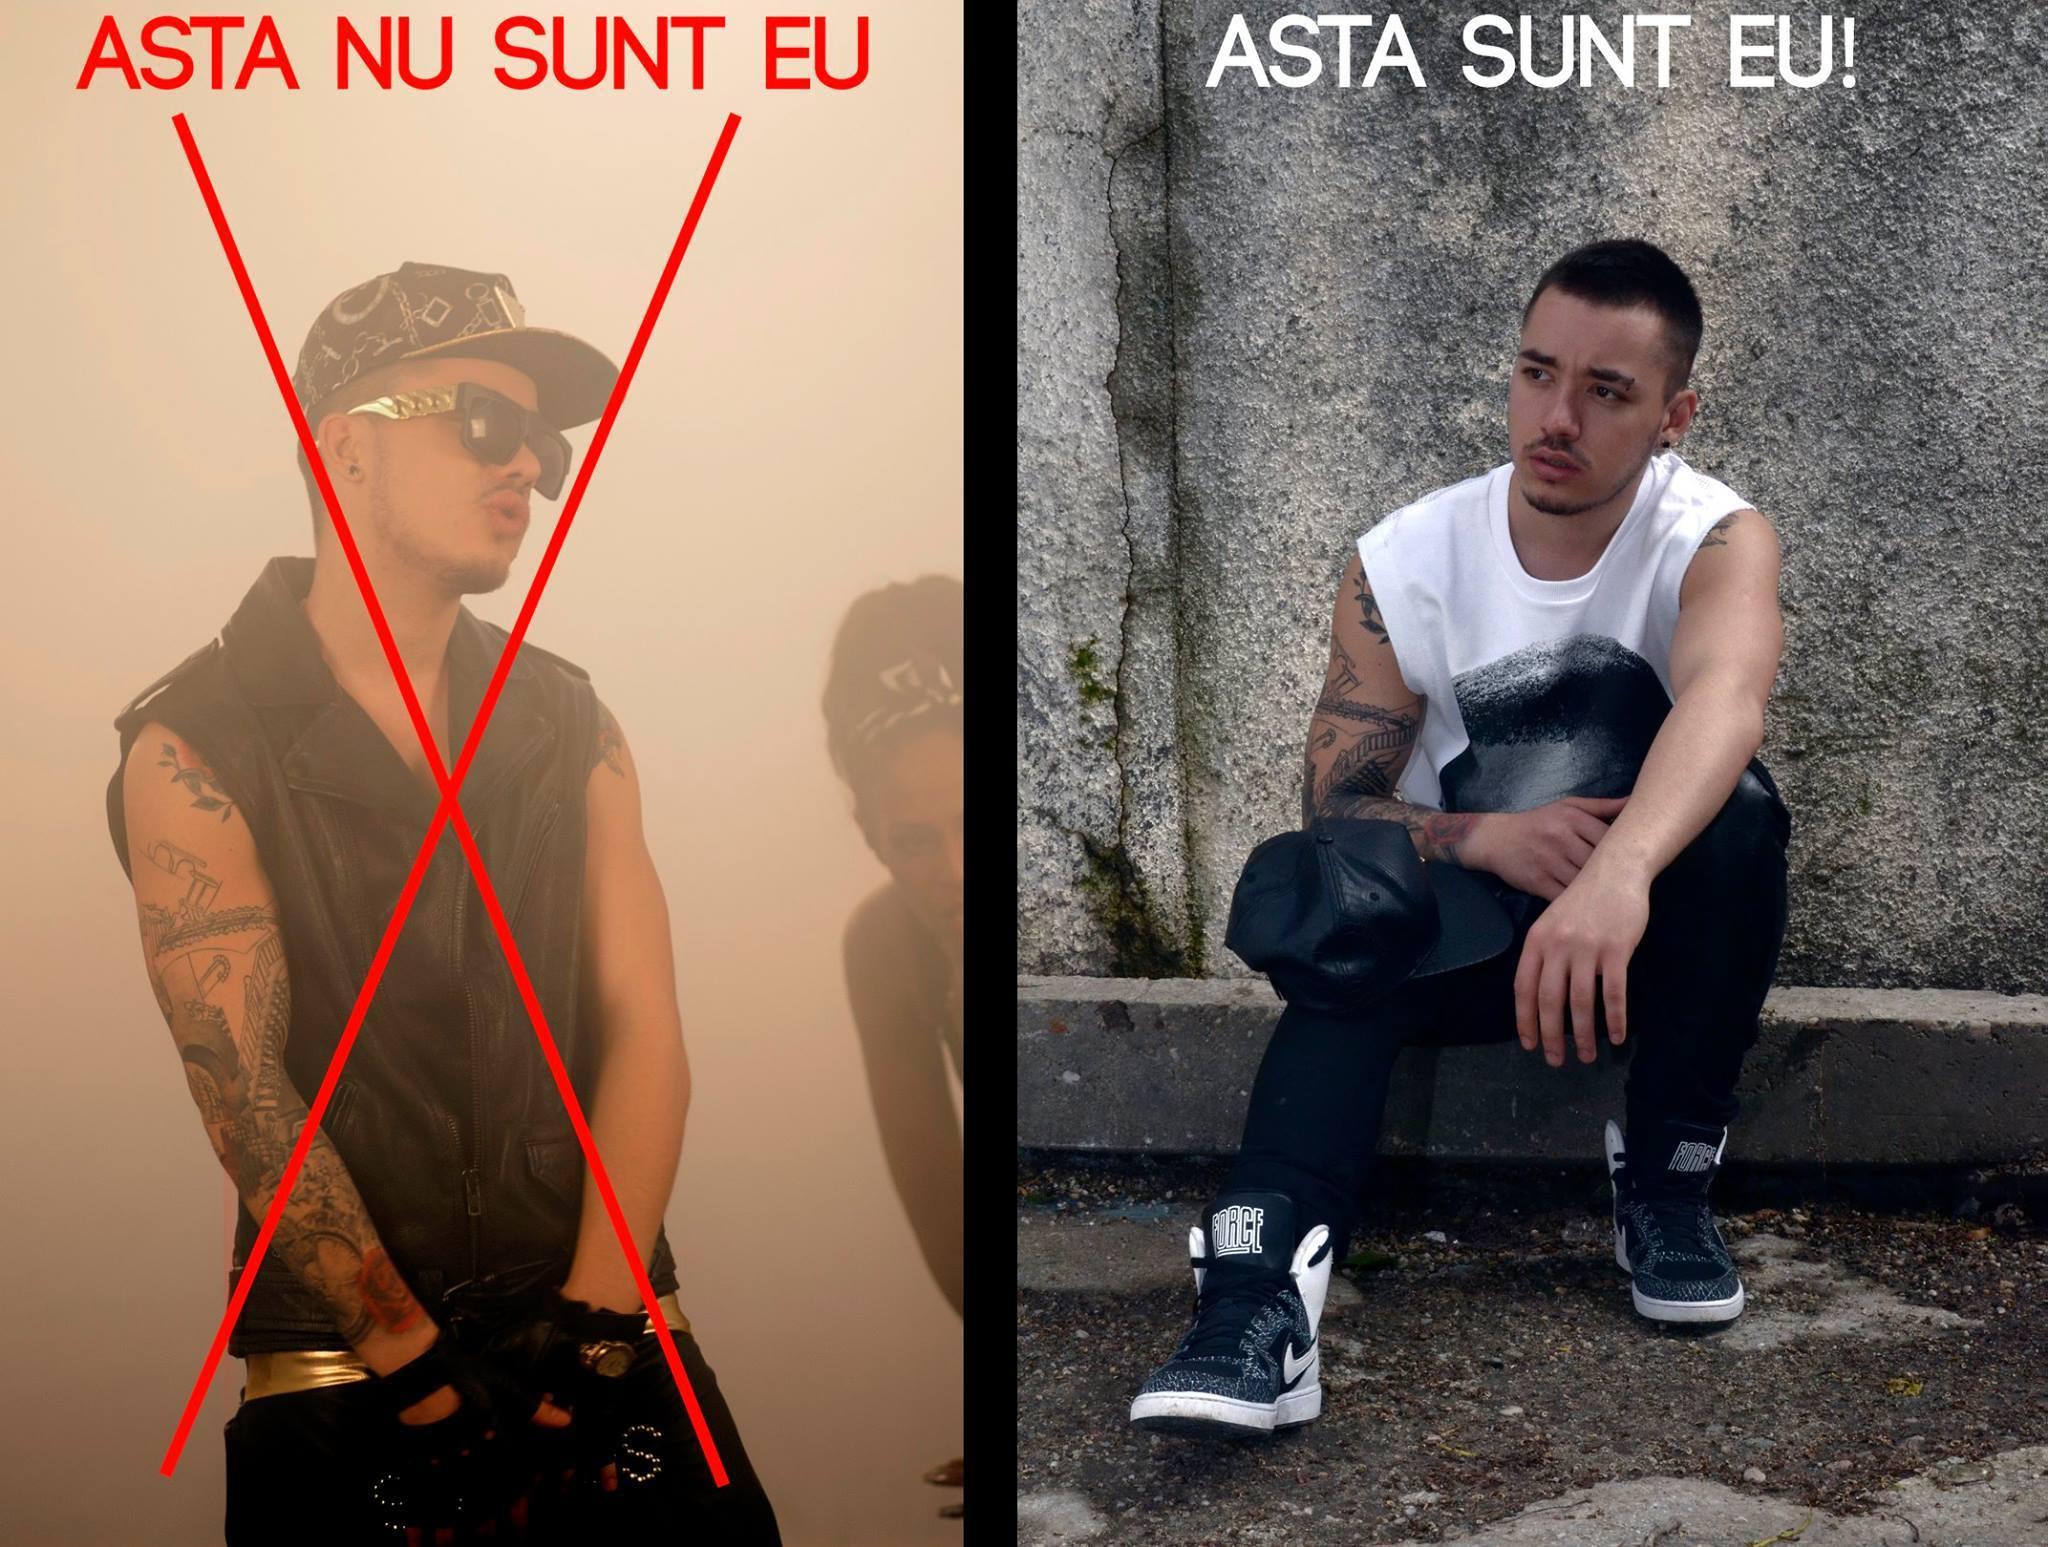 Adrian Ţuţu a făcut publică această imagine în urmă cu puţin timp